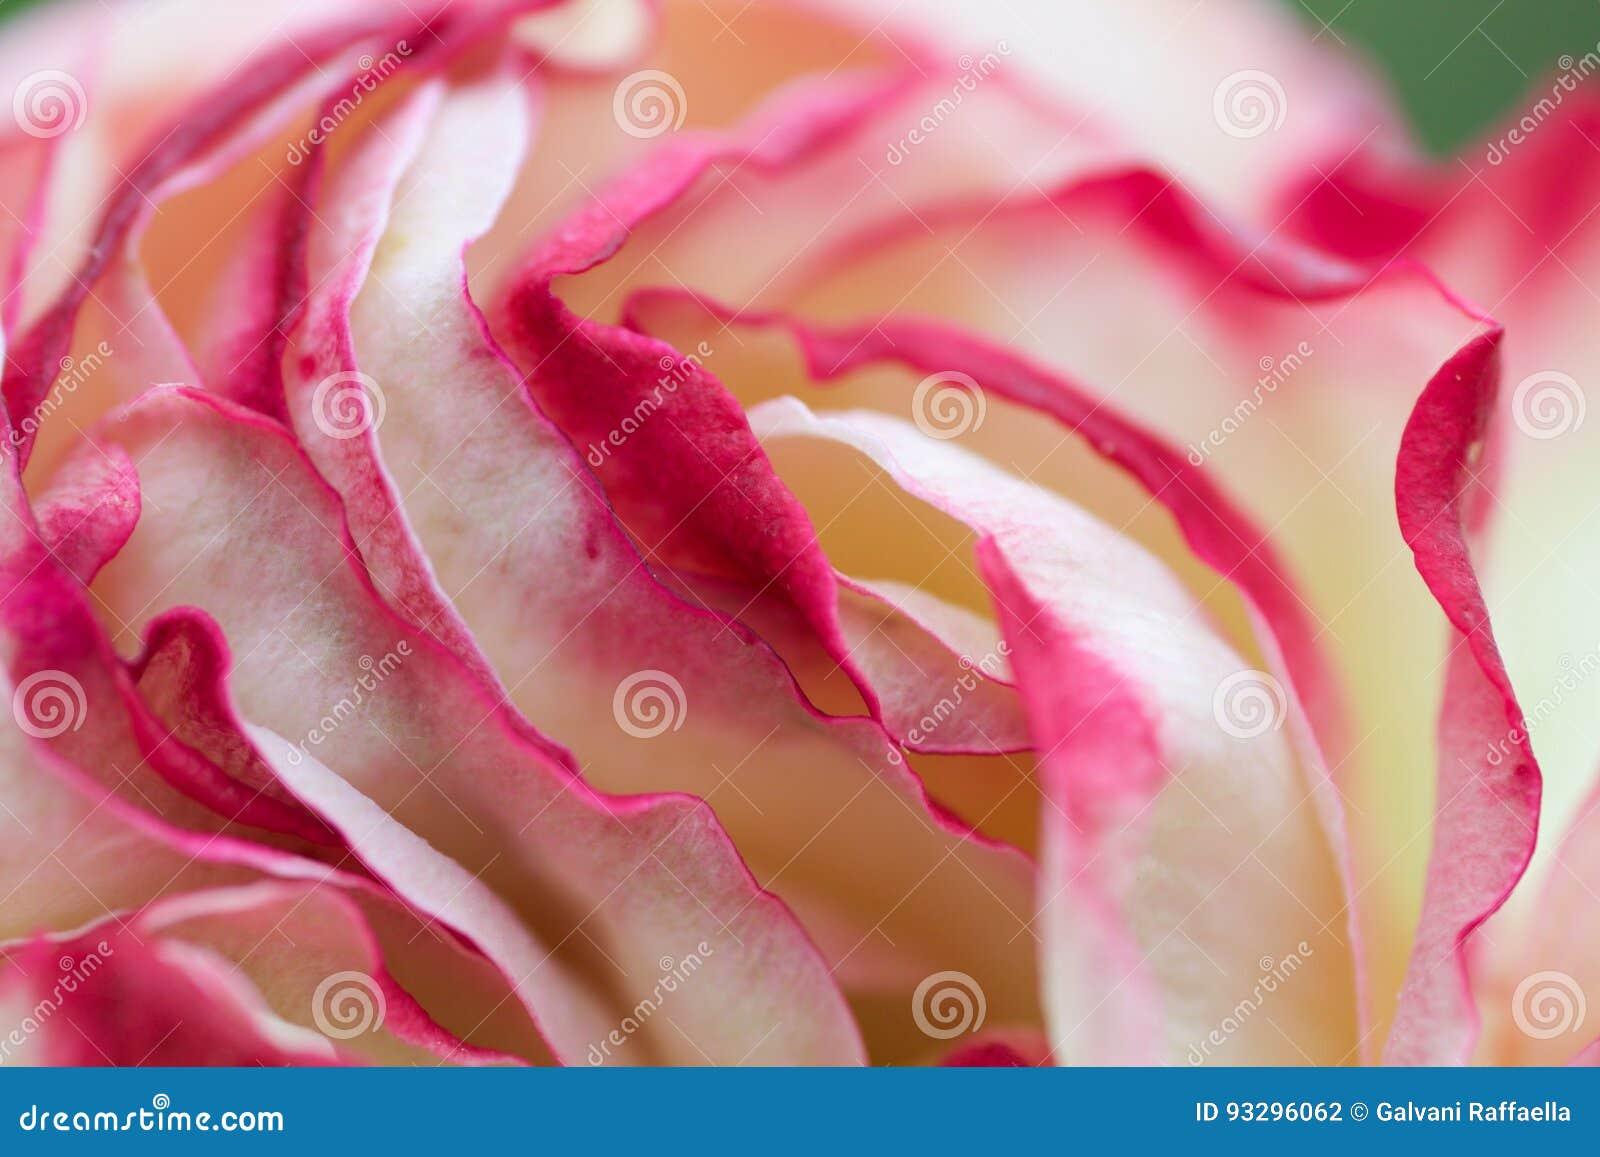 Close Up Texture Of Petals Of Pierre De Ronsard Rose Stock